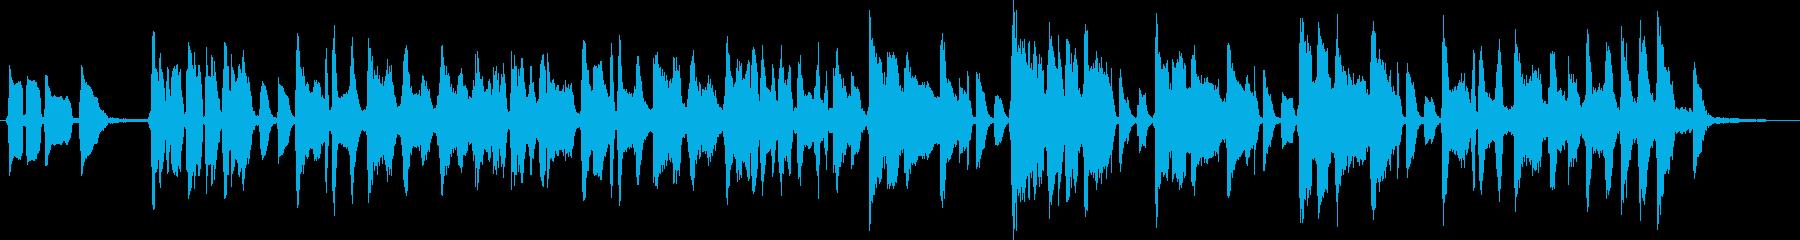 ももをテーマにした楽曲の再生済みの波形